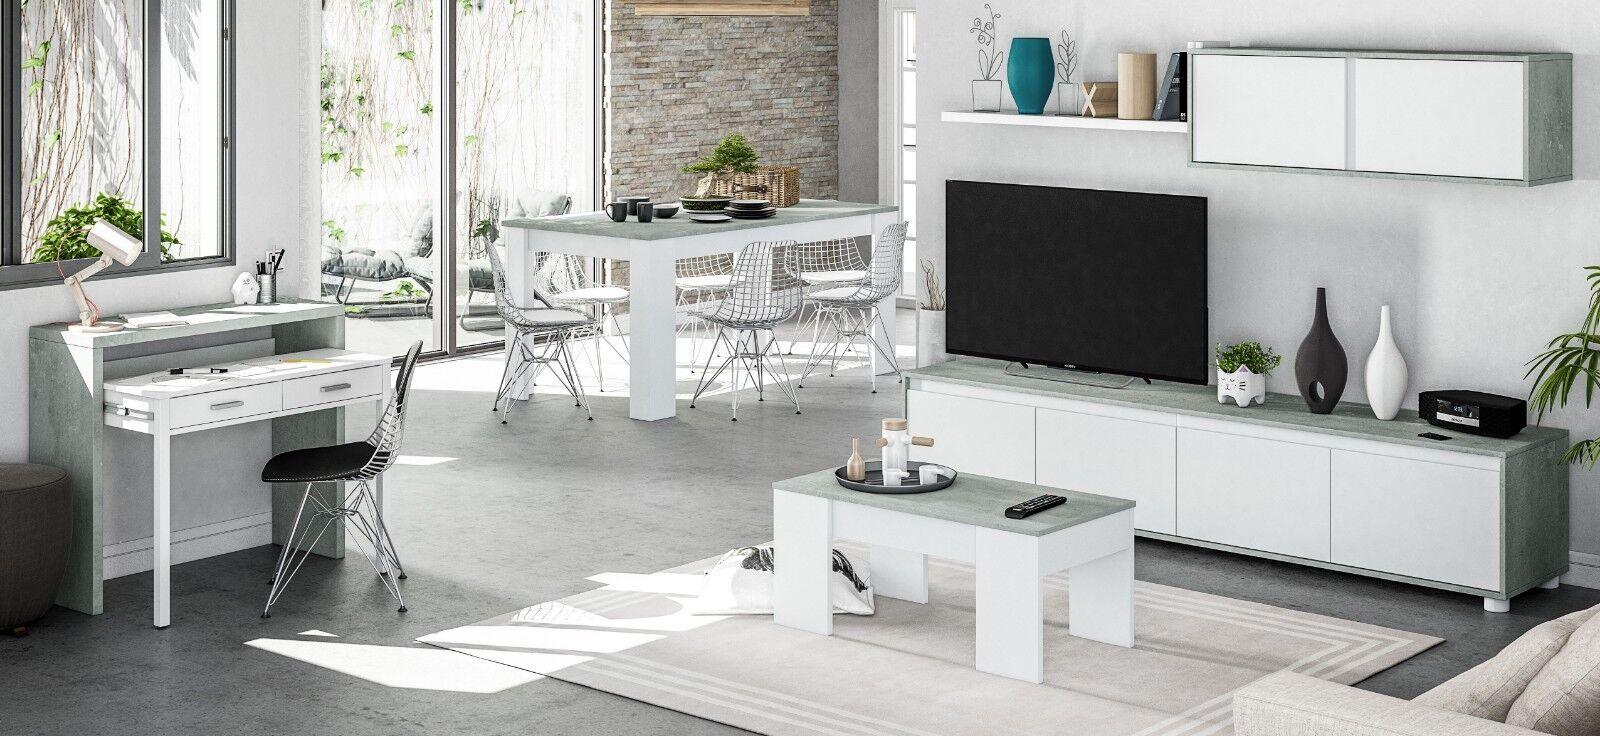 Pack mueble salon modular mesa centro mesa comedor y escritorio extensible